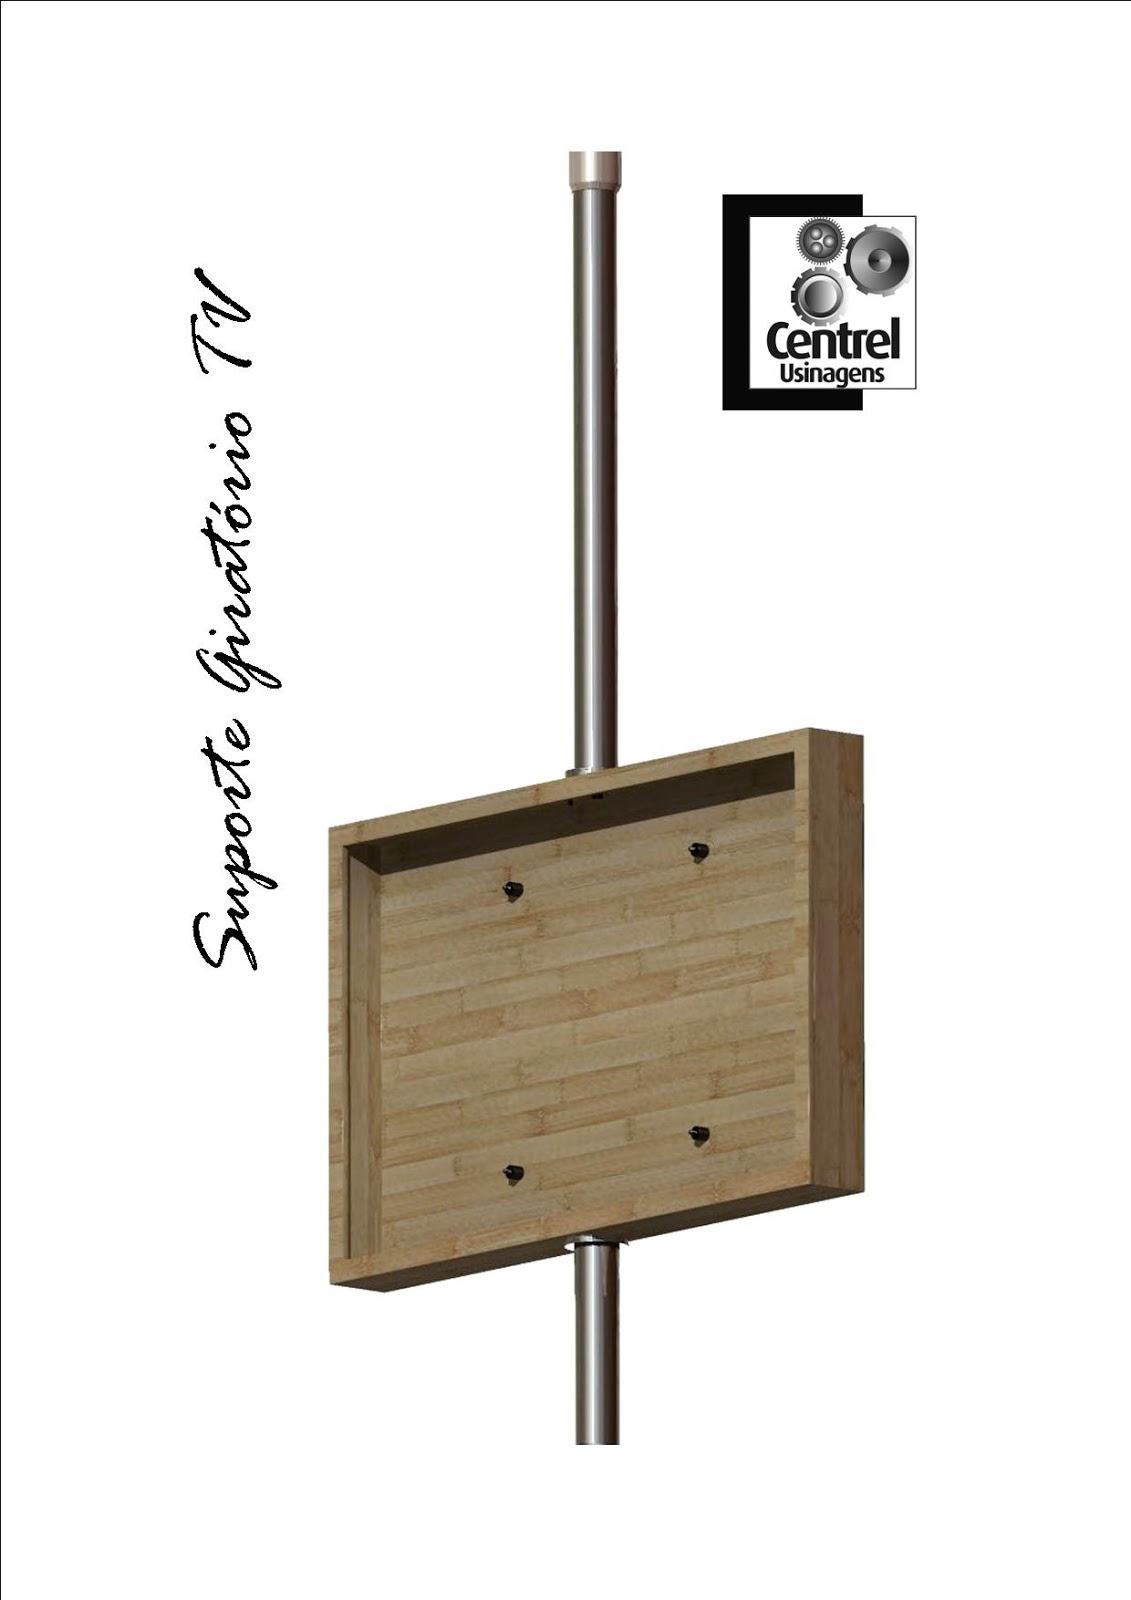 Vindo ao nosso Blog!: Suporte Giratório de TV para caixa de madeira #634E37 1131x1600